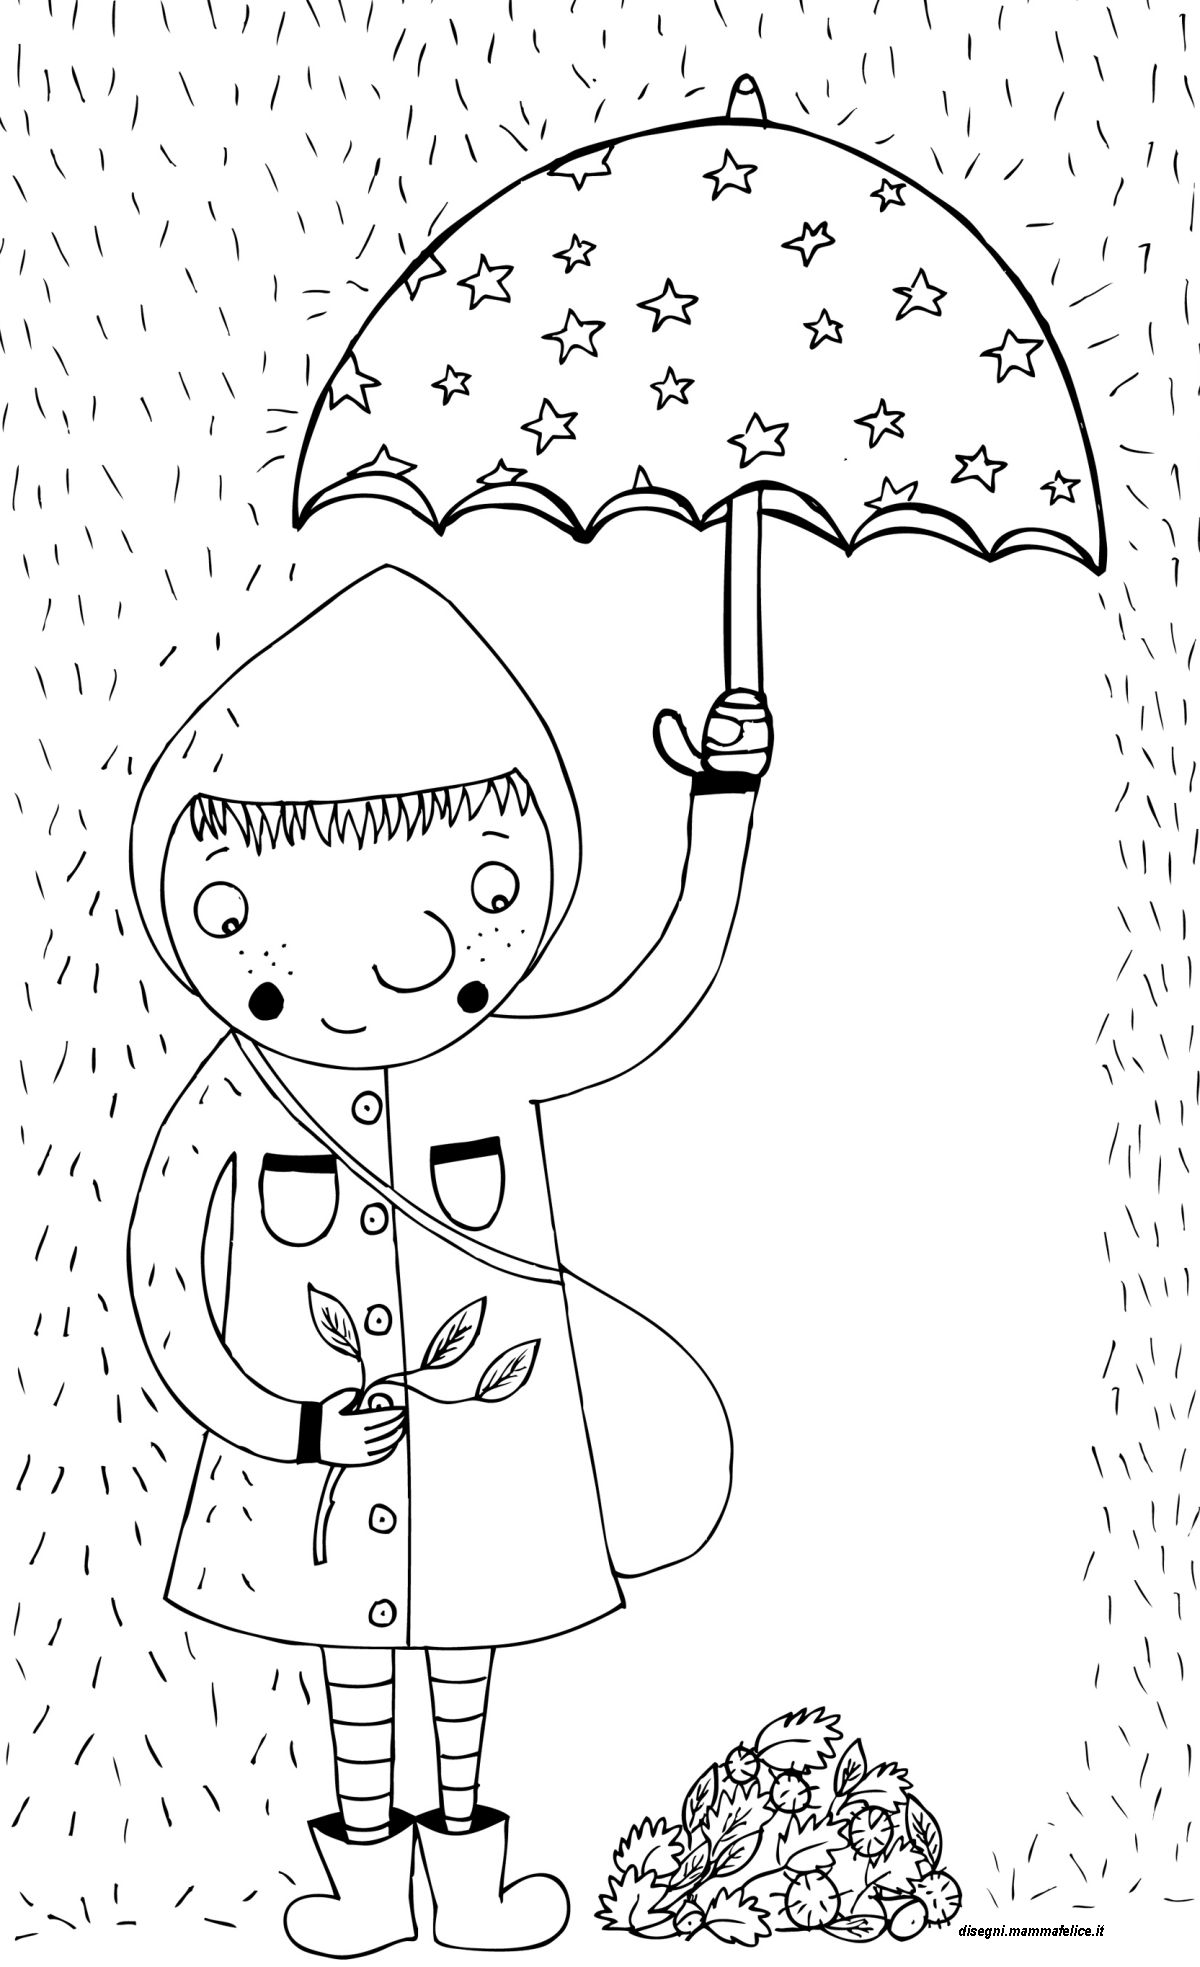 Disegno da colorare autunno sotto la pioggia disegni for Disegni paesaggi da colorare